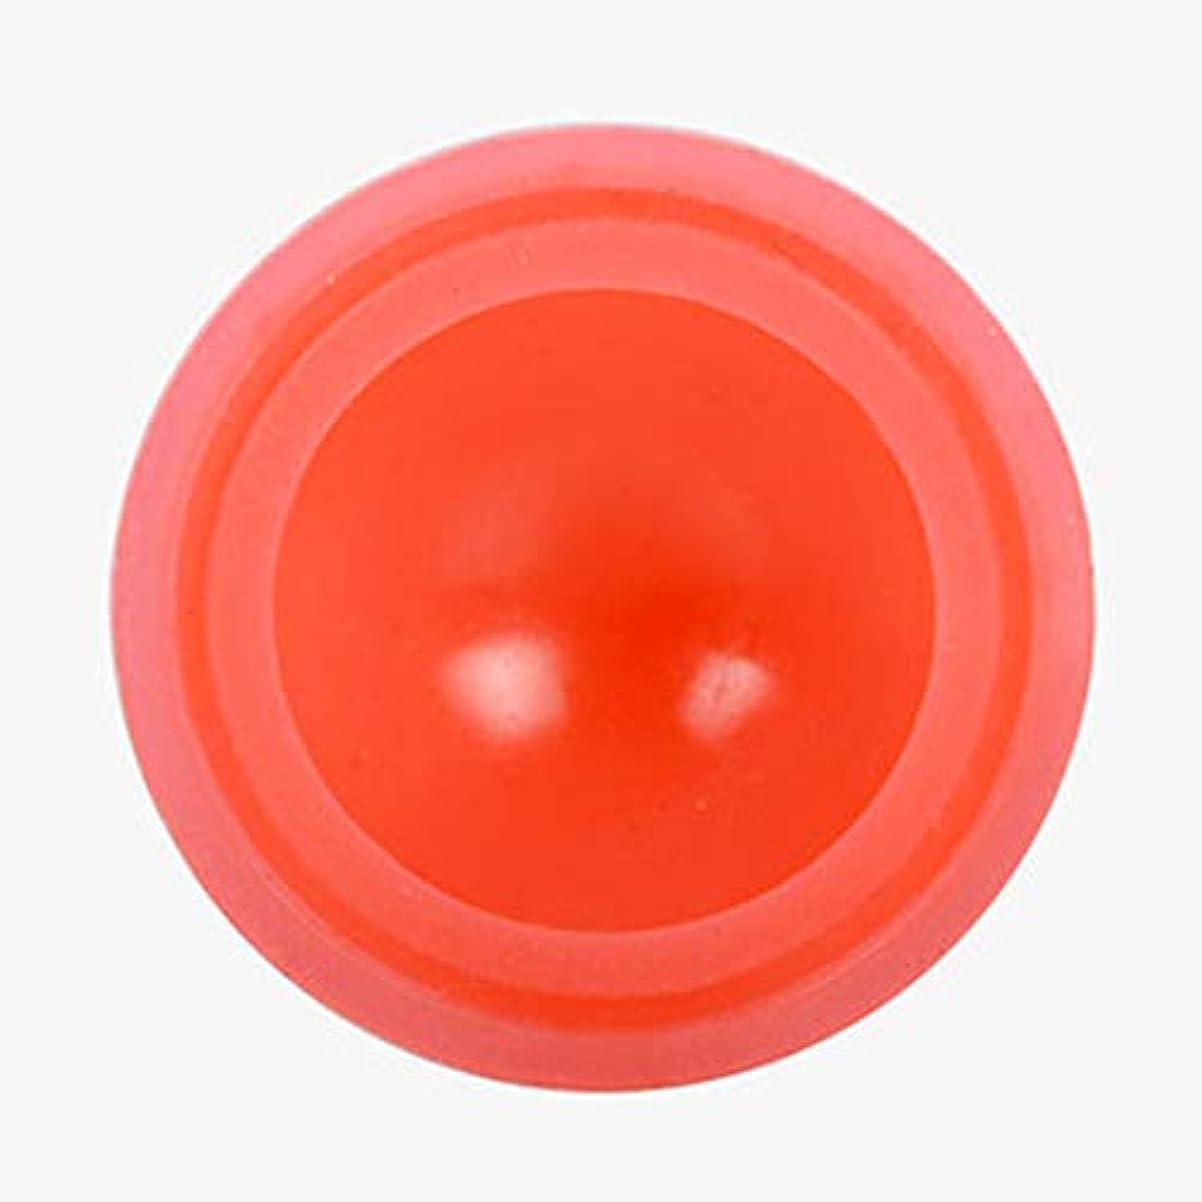 あいさつ厳しい抽出マッサージカッピング カッピング シリコンカッピング 吸い玉 真空セラピー 脂肪吸引 康祝 関節と筋肉痛救済 セルライト治療,オレンジ色